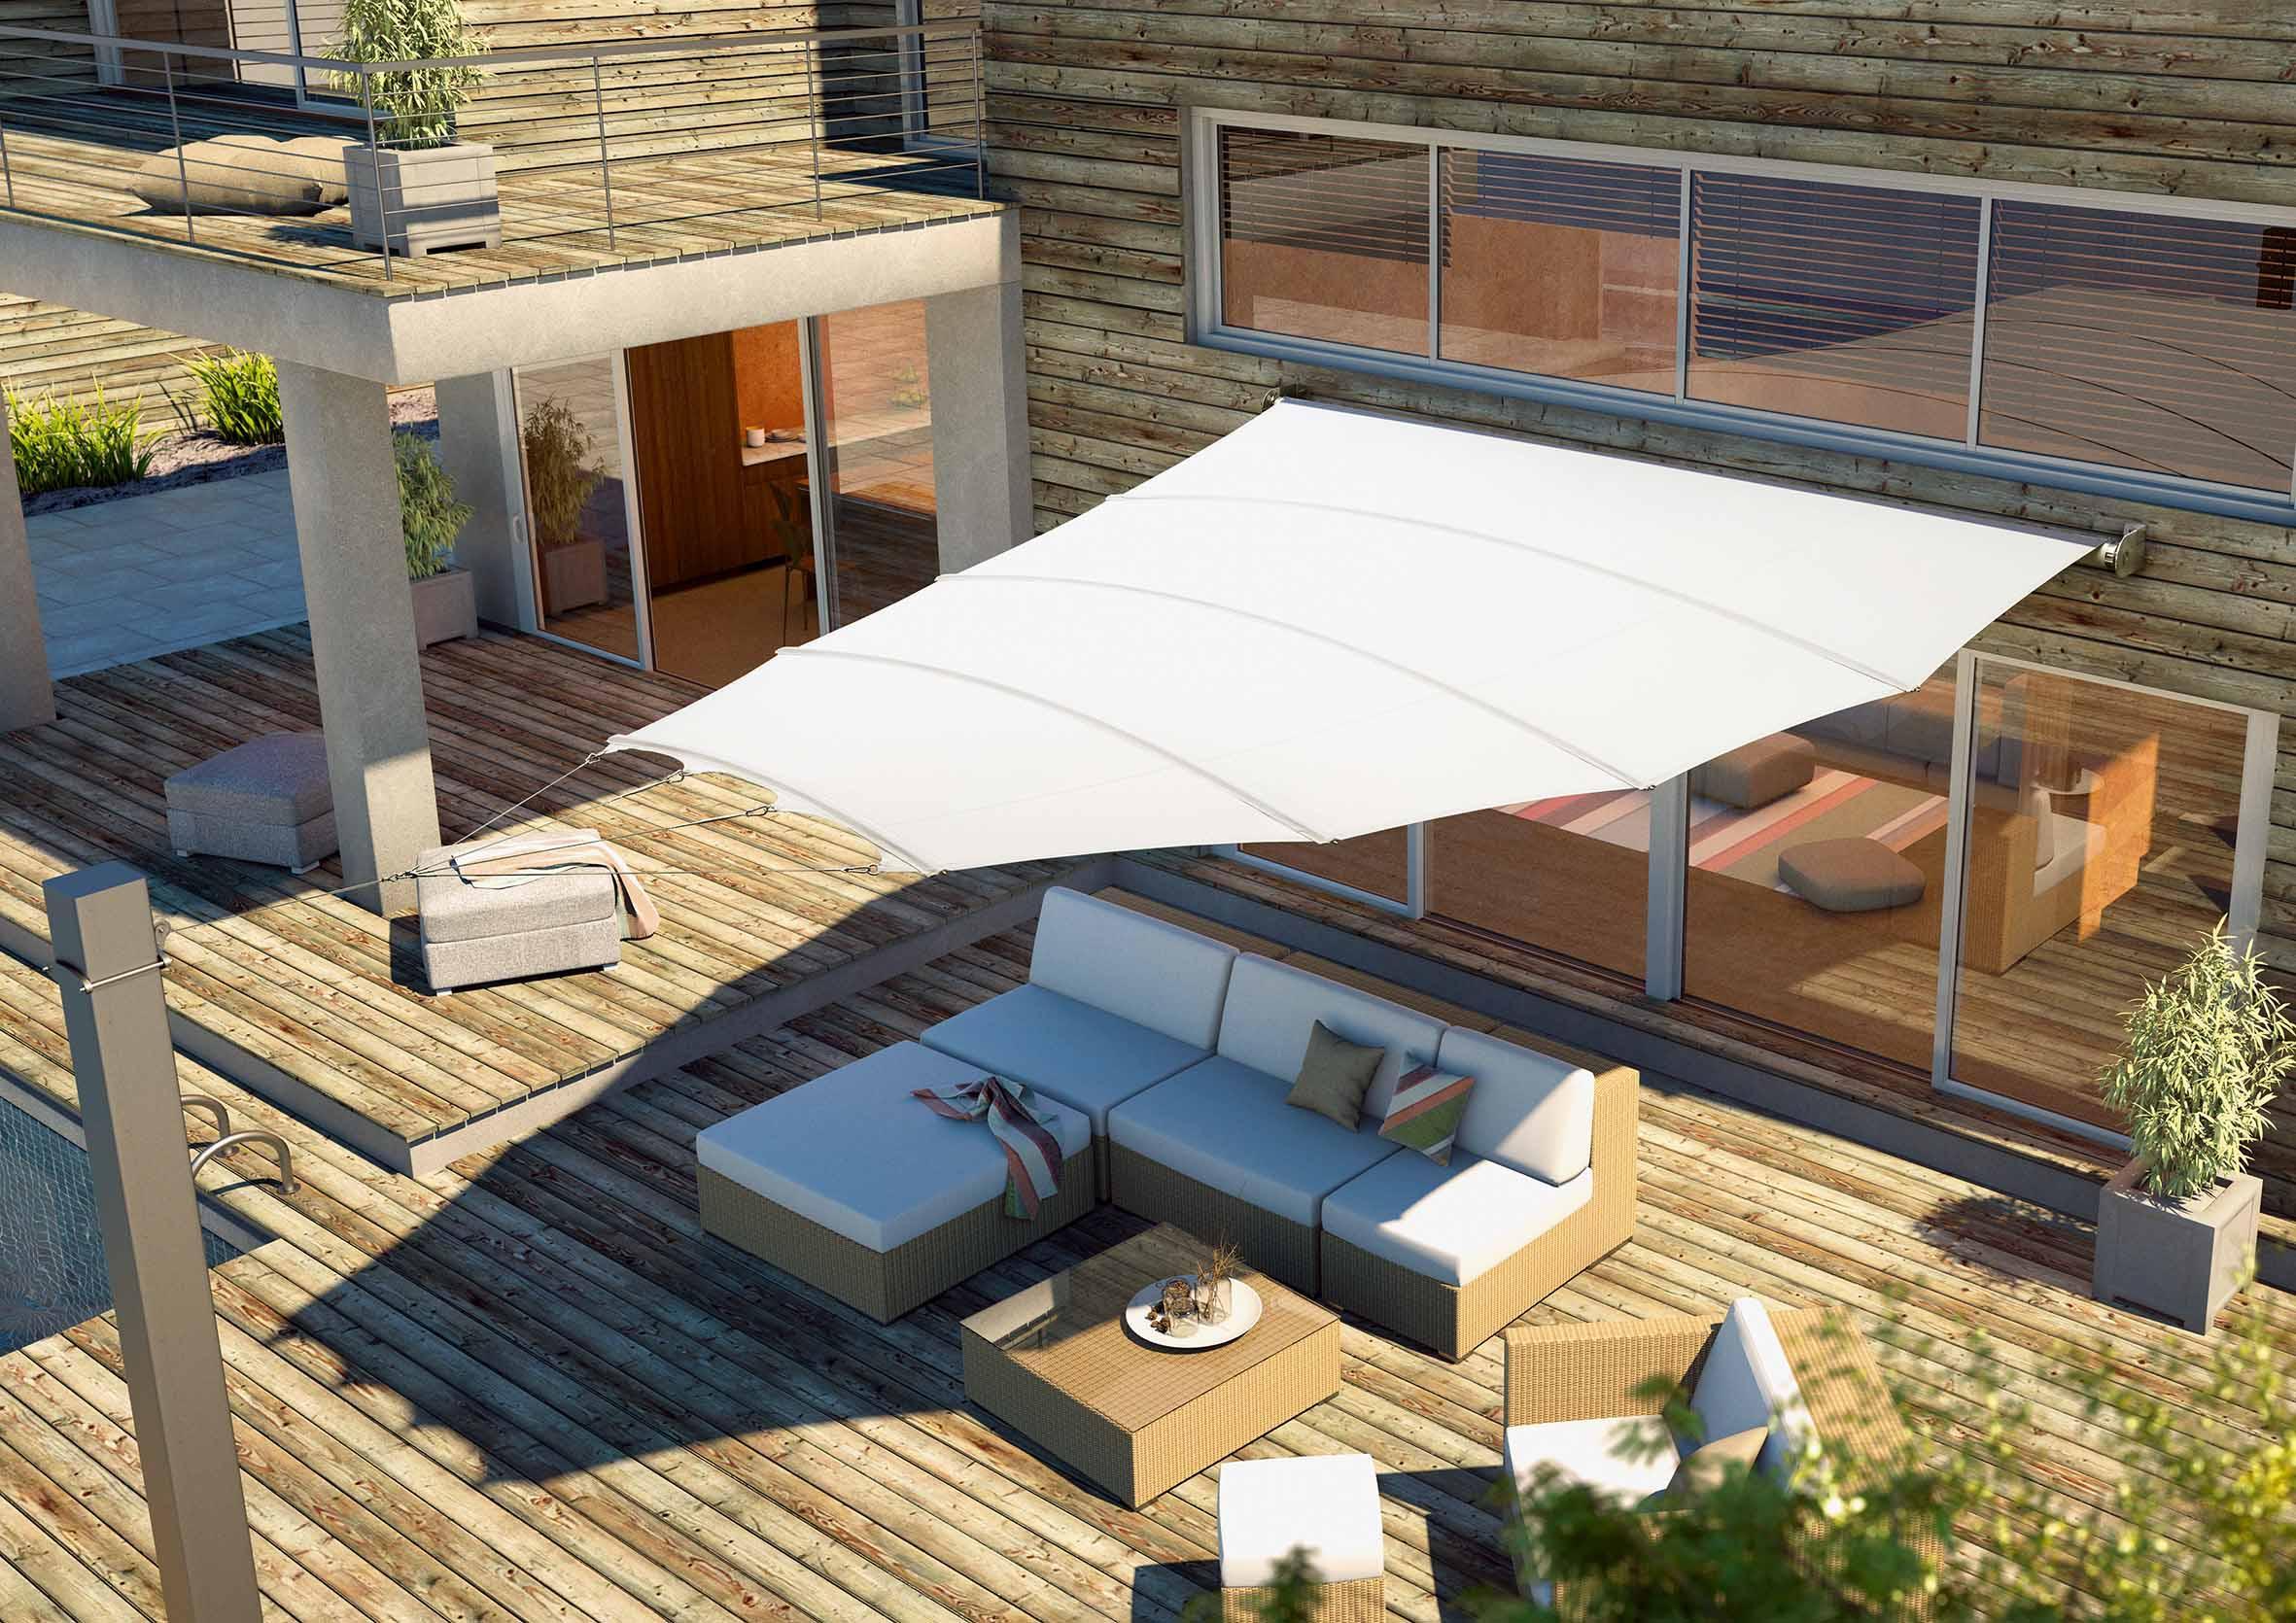 Balkon Sonnenschutz • Bilder & Ideen • COUCHstyle